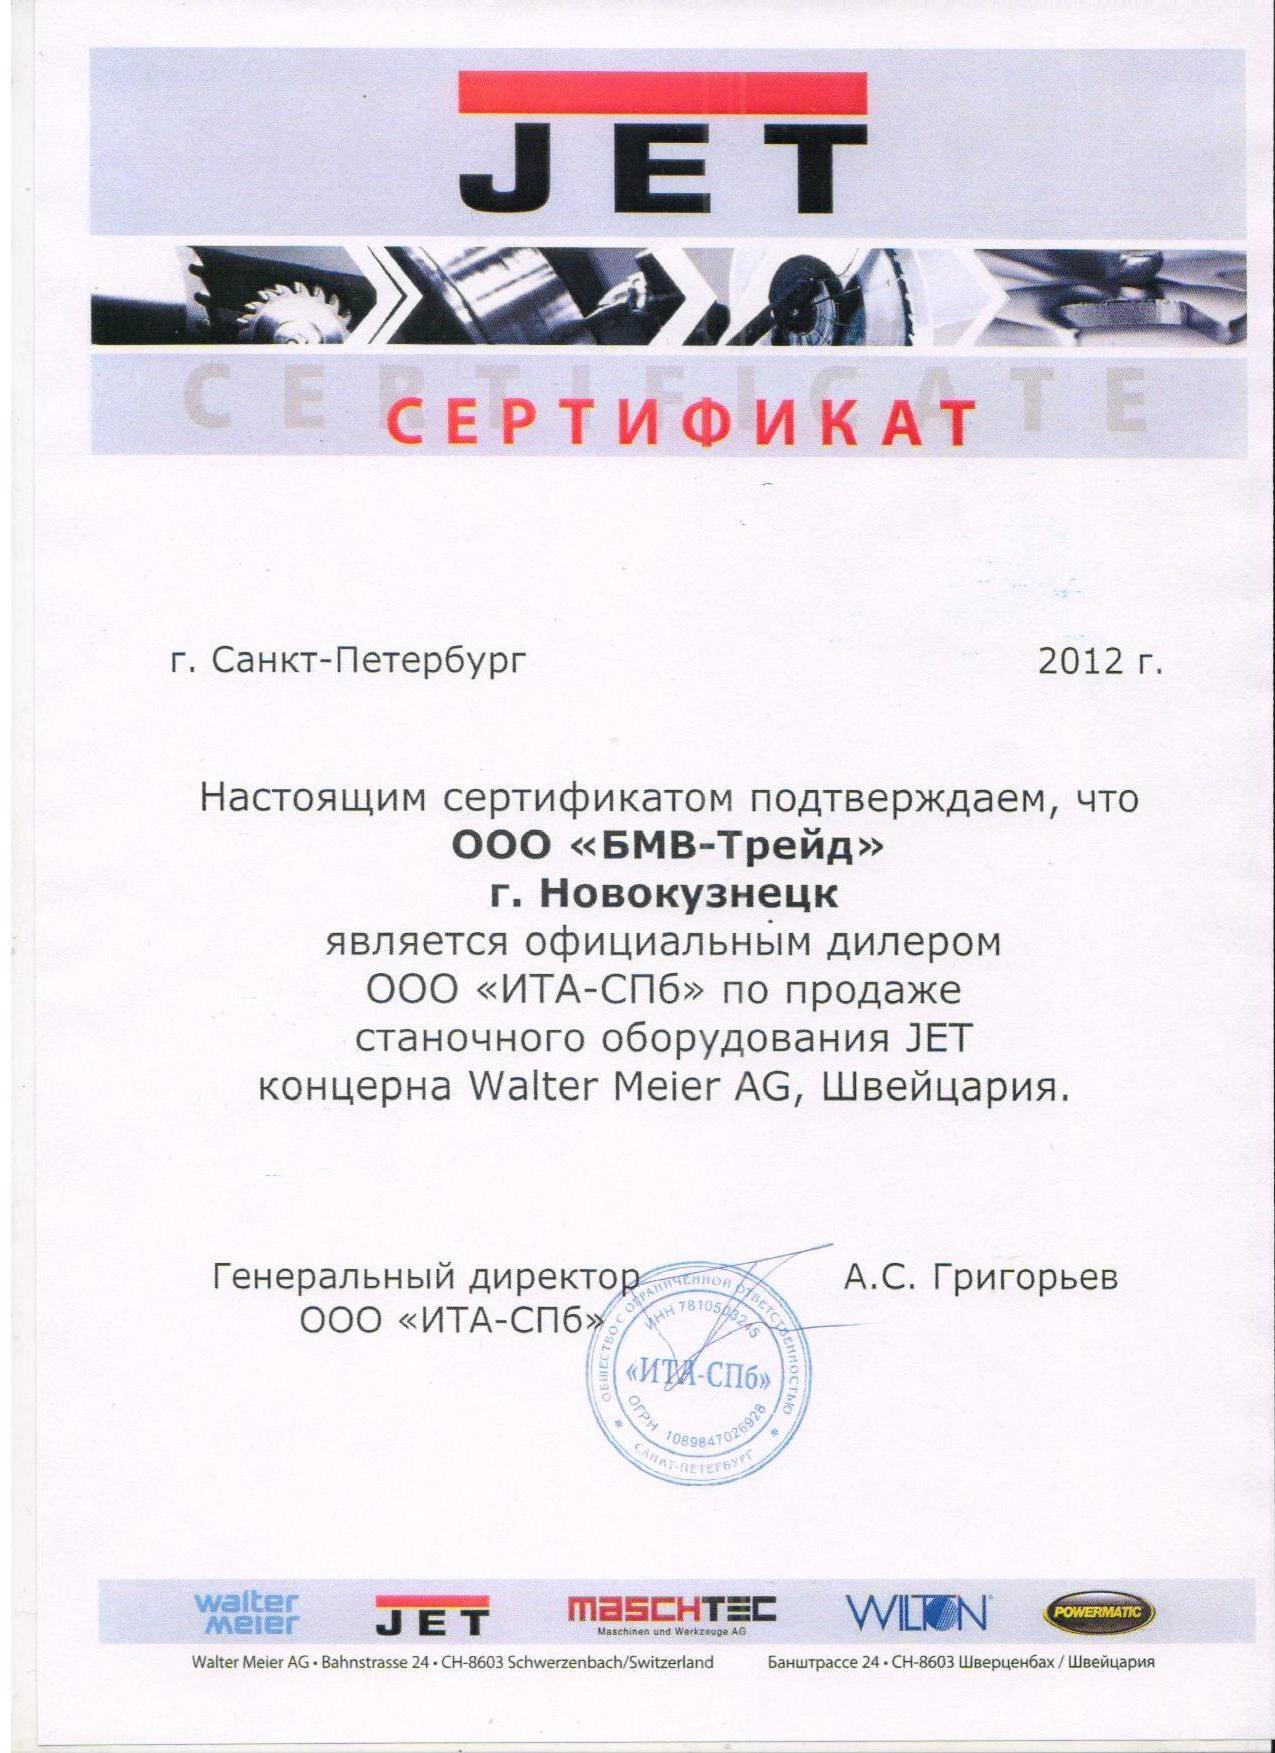 Сертификат дилера JET. БМВ-Трейд